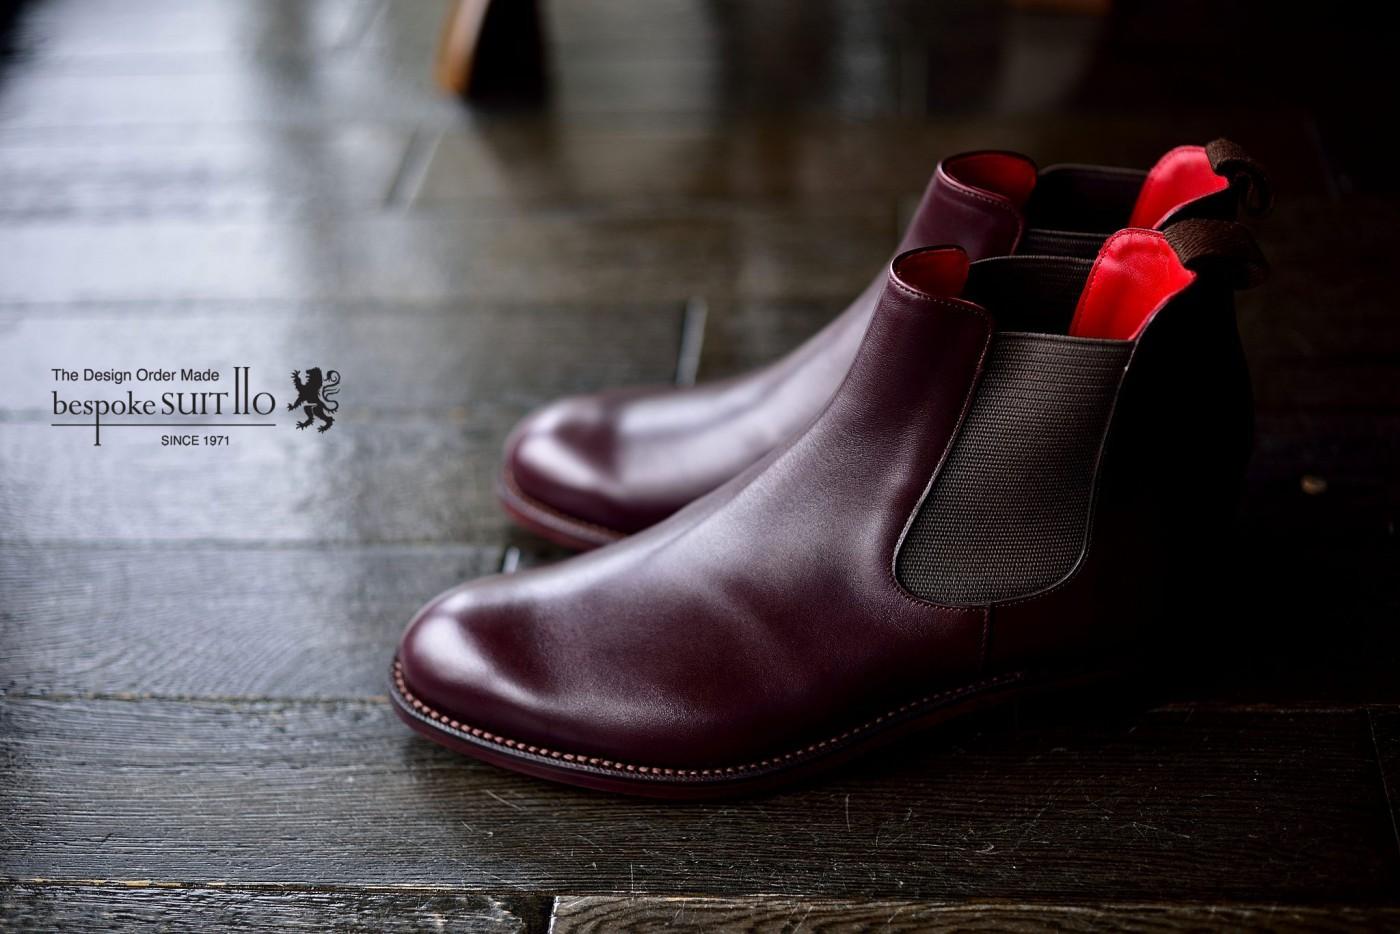 オーダー靴,宮城興業,和創良靴,サイドゴアブーツ,アノネイ,福岡,北九州,ビスポークスーツ110,bespokeSUIT110,bespokeSUITIIO,